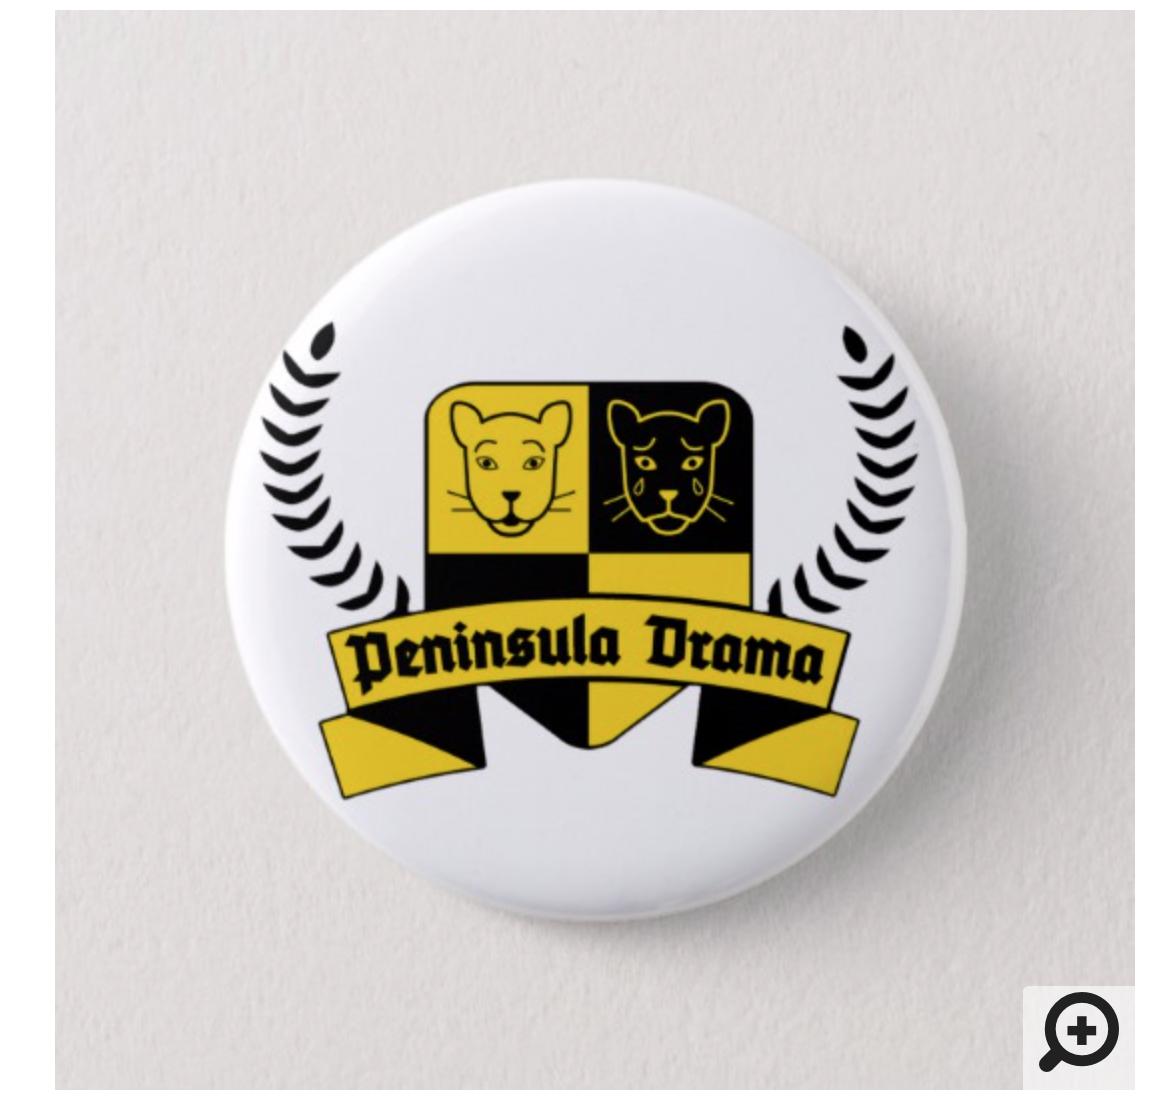 Peninsula Drama Buttons